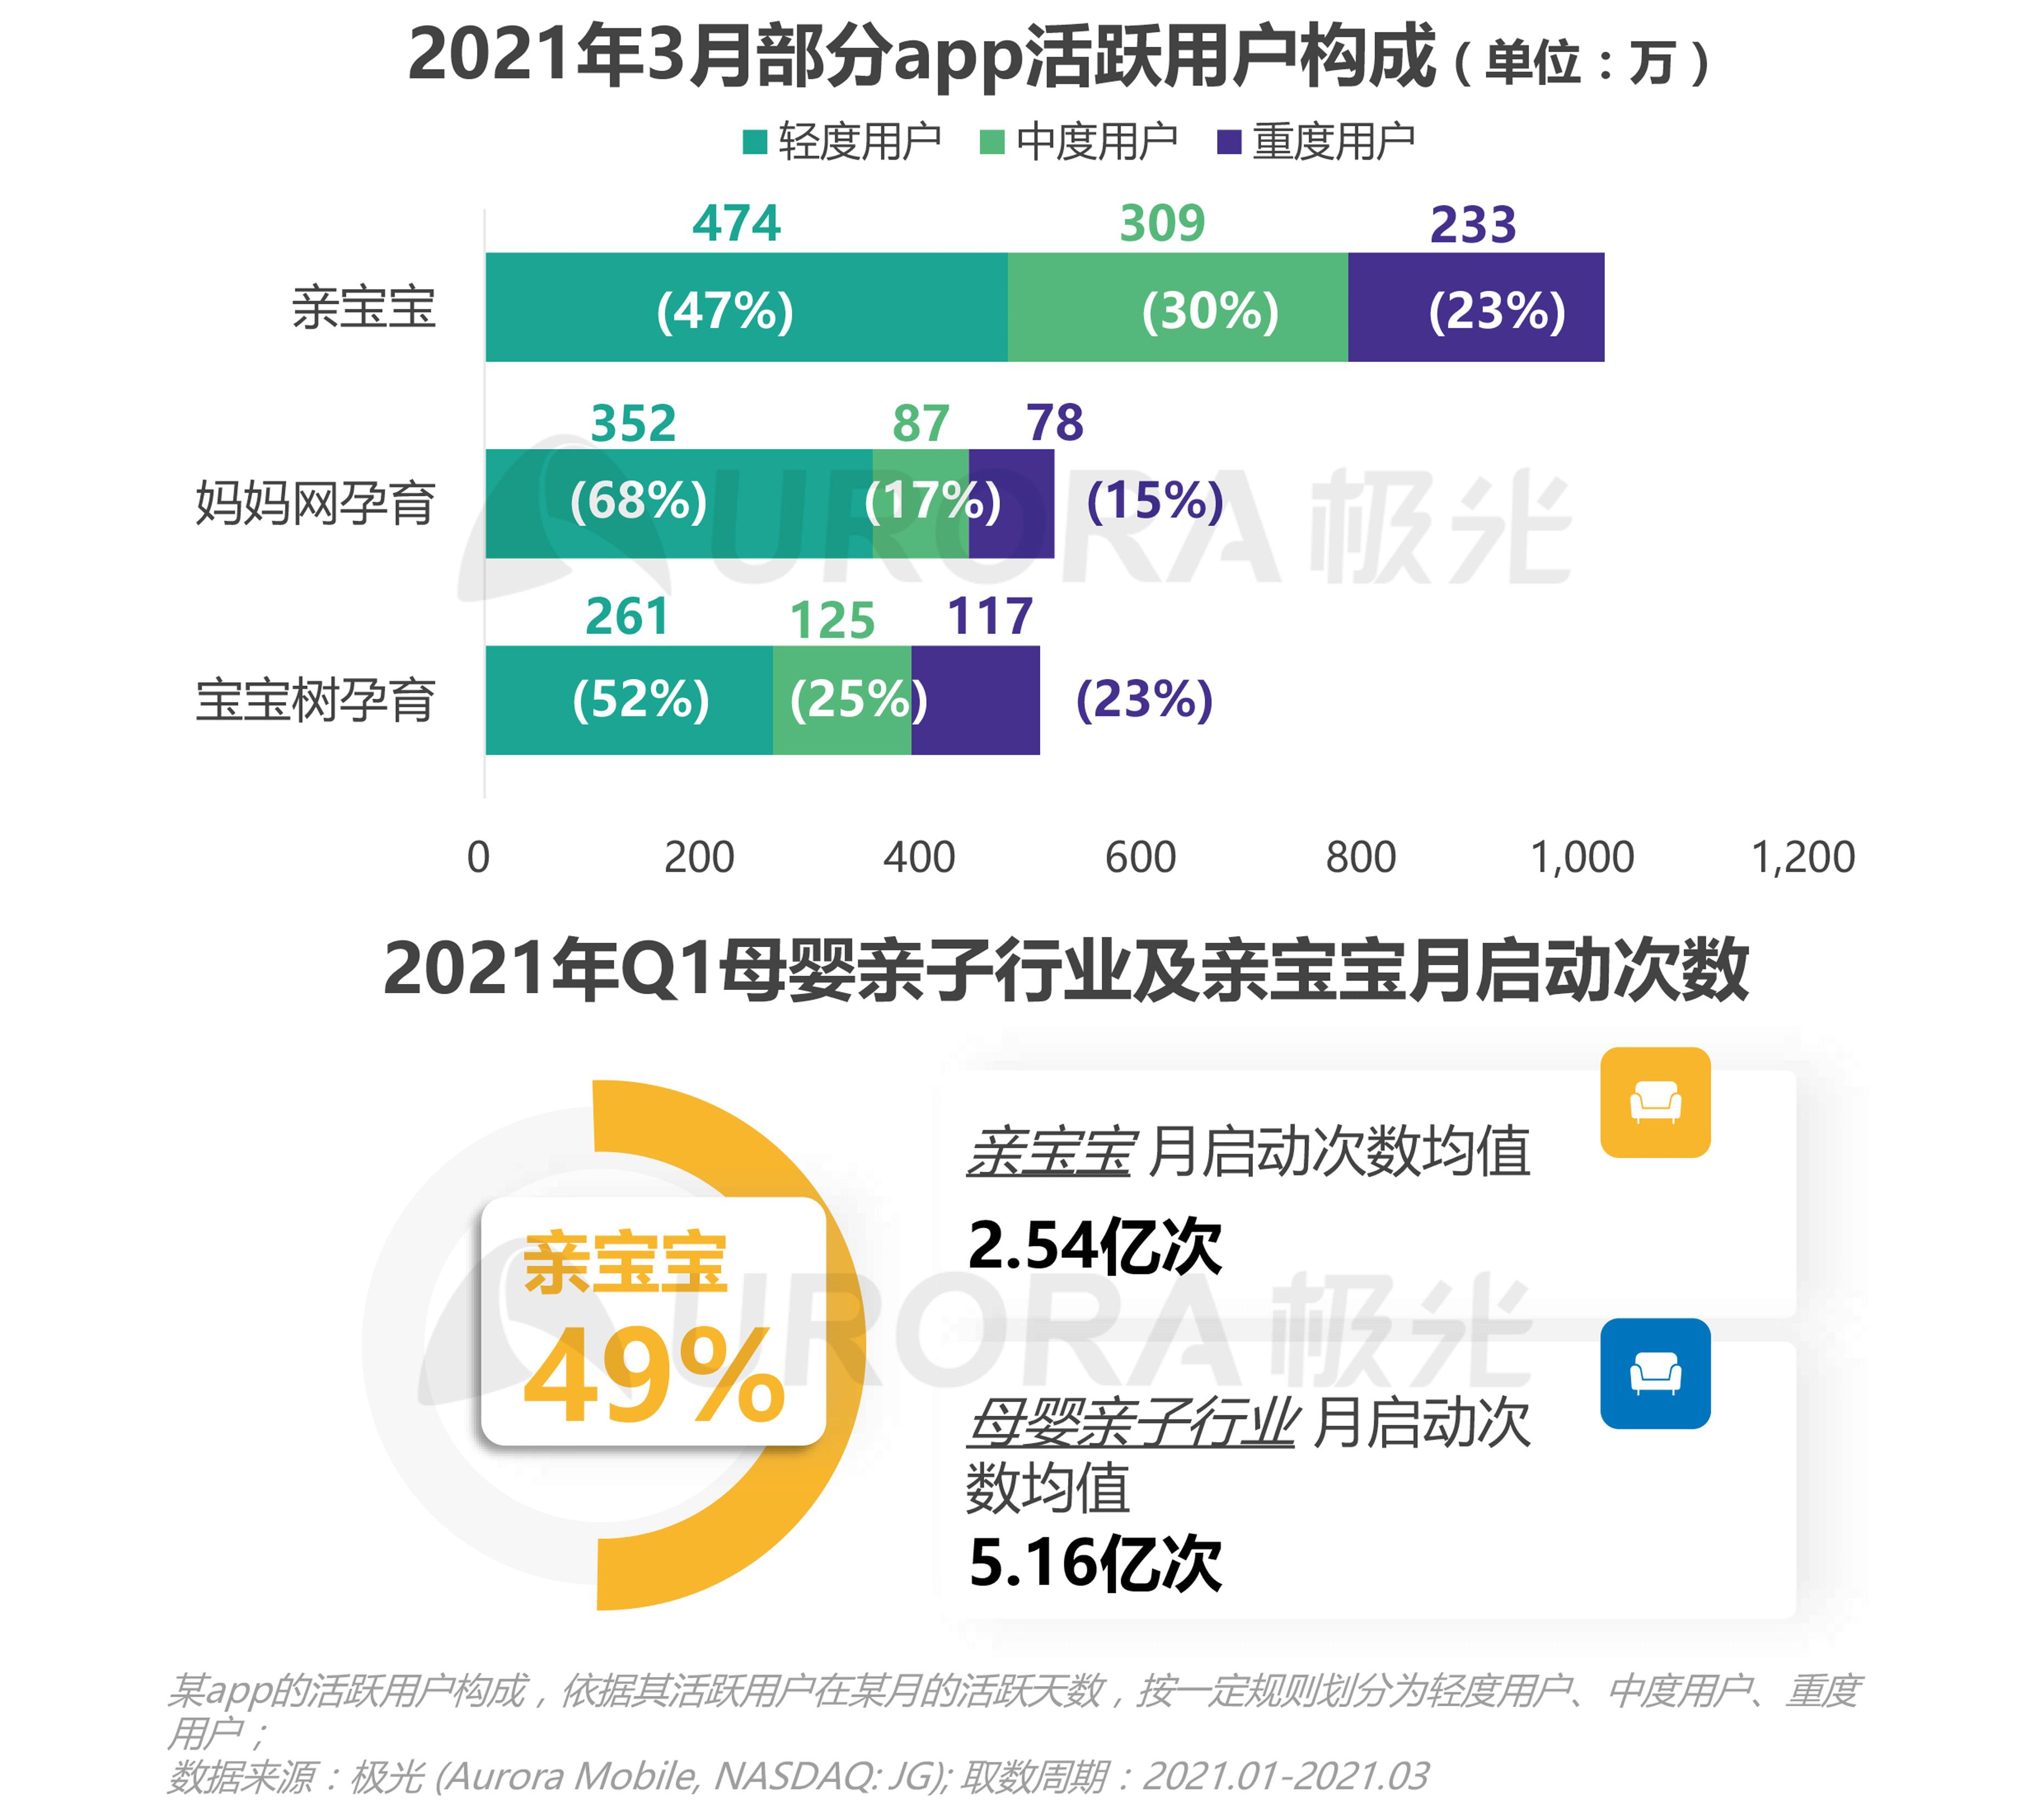 极光:2021年Q1移动互联网报告 (29).png